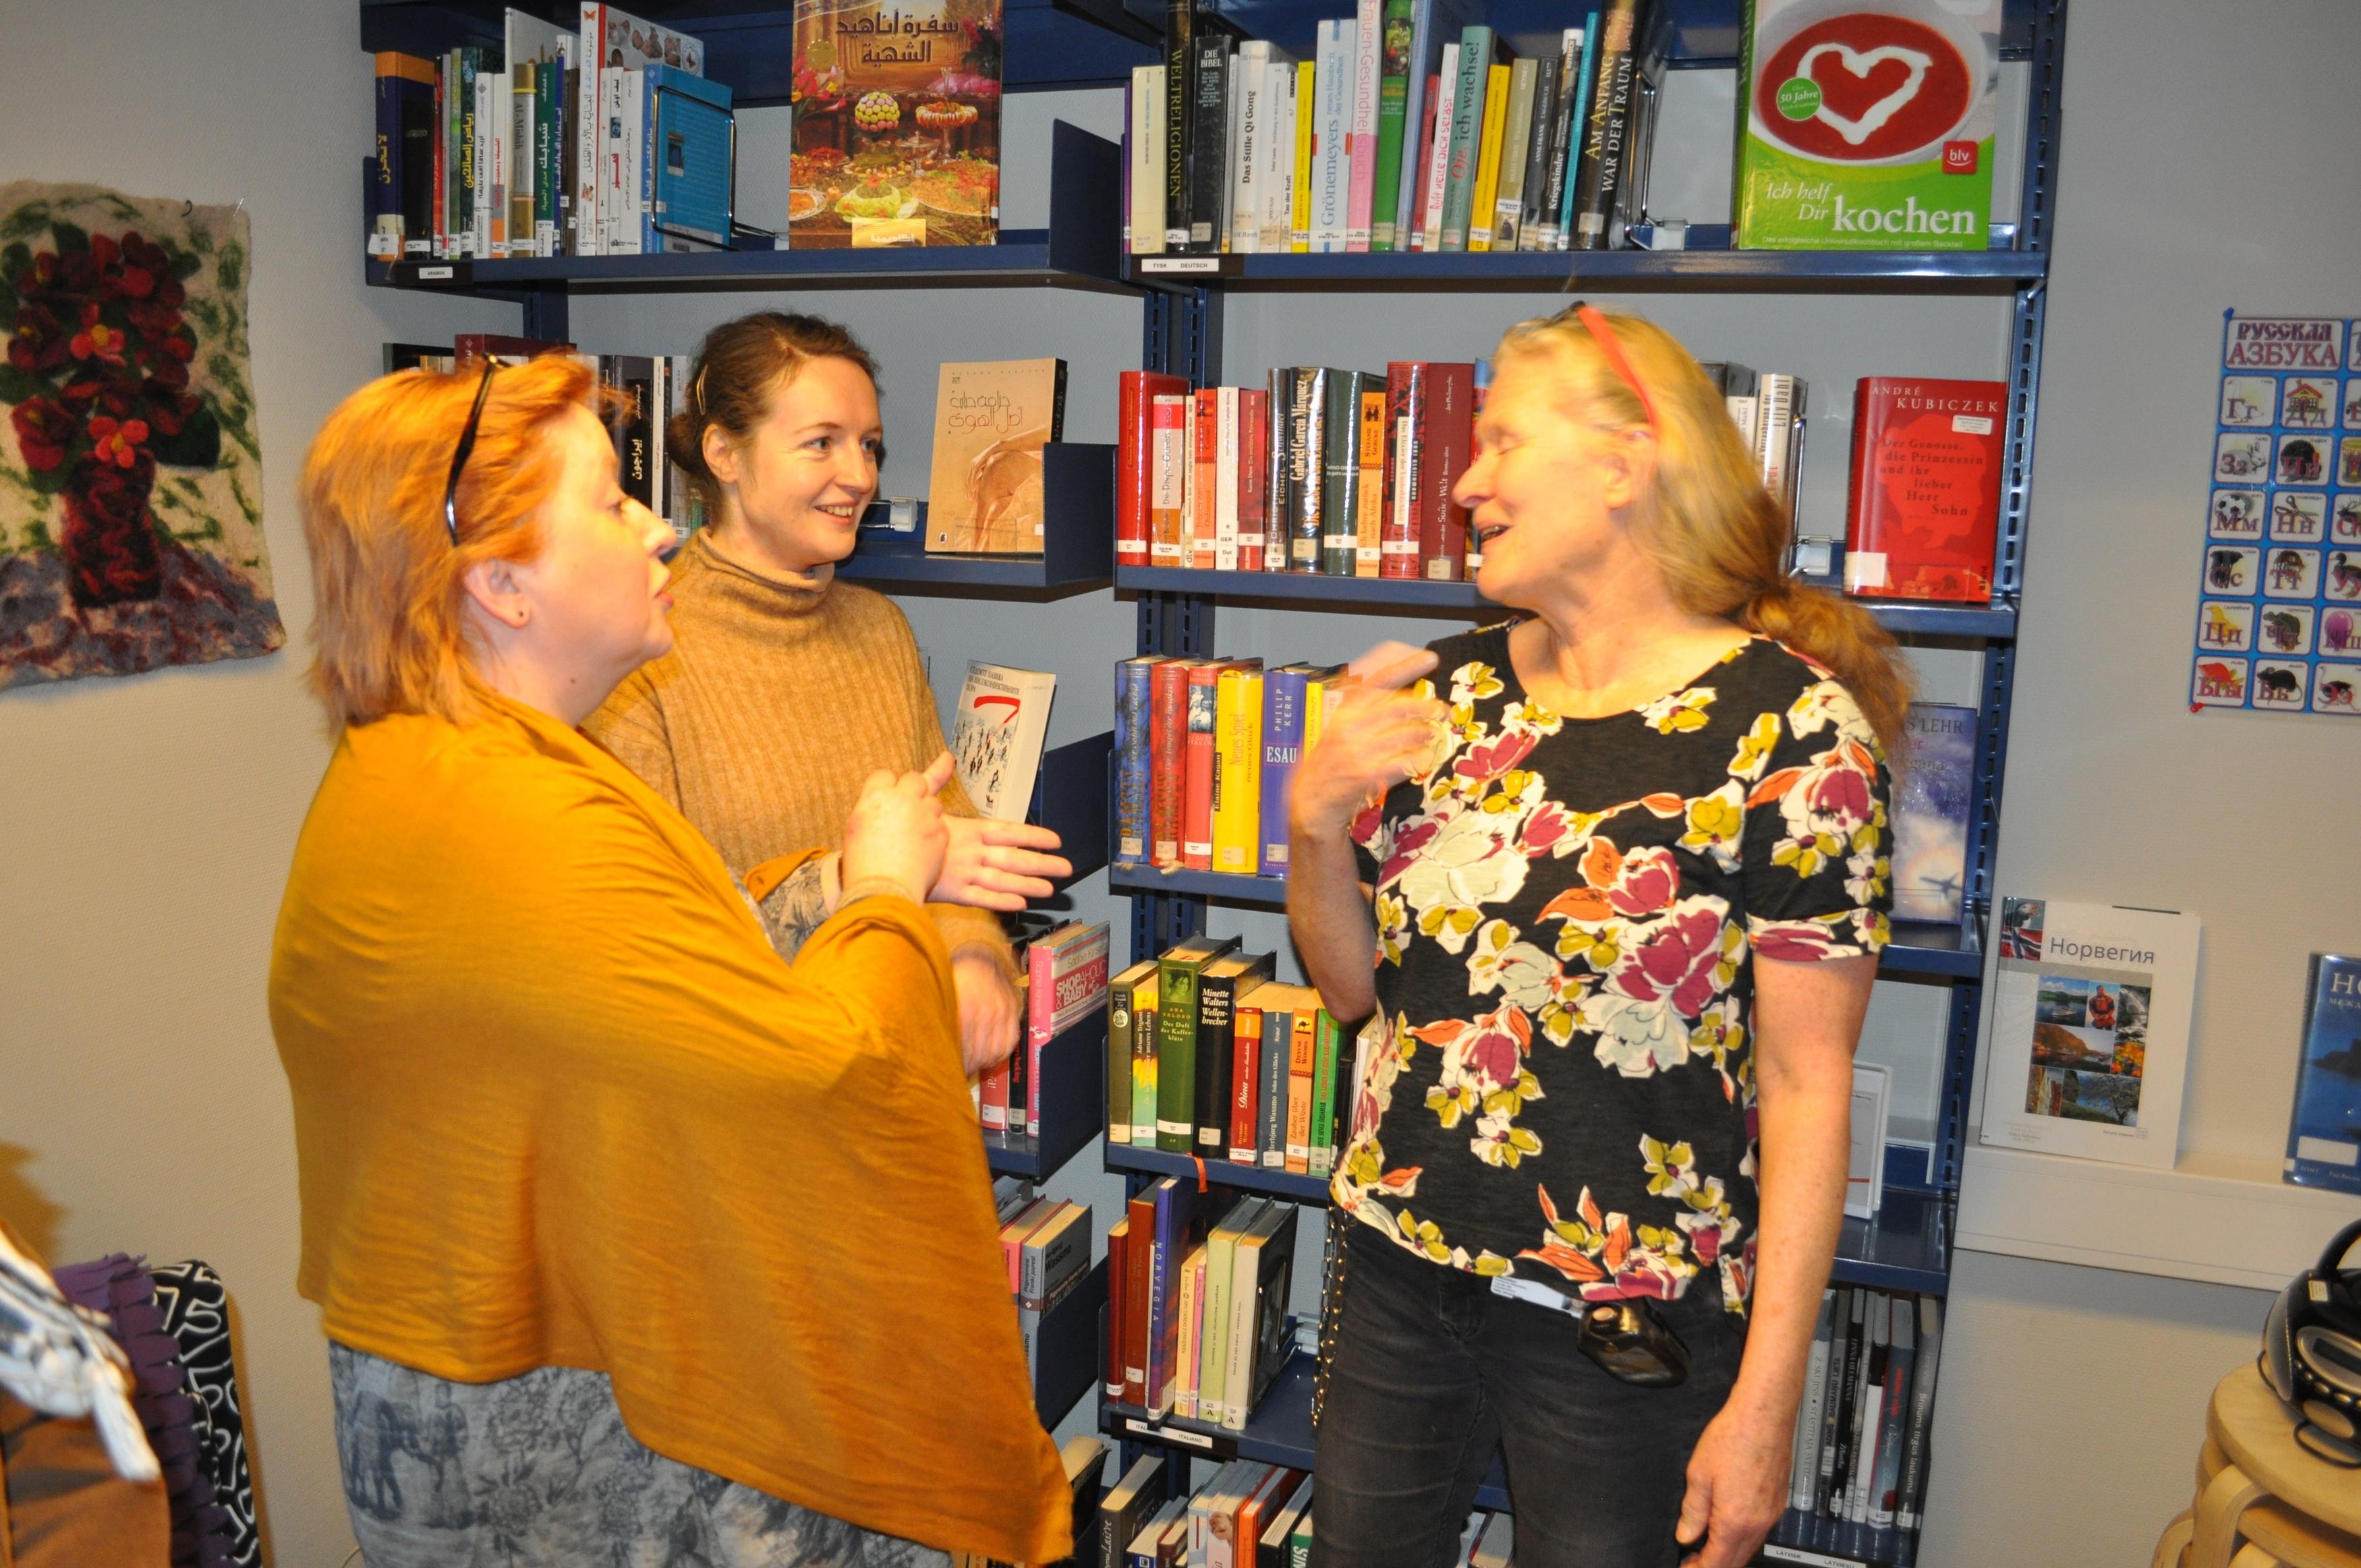 Ольга Романова и Лив Степсби обмениваются адресами. Фото: Алексей Рэдфорд